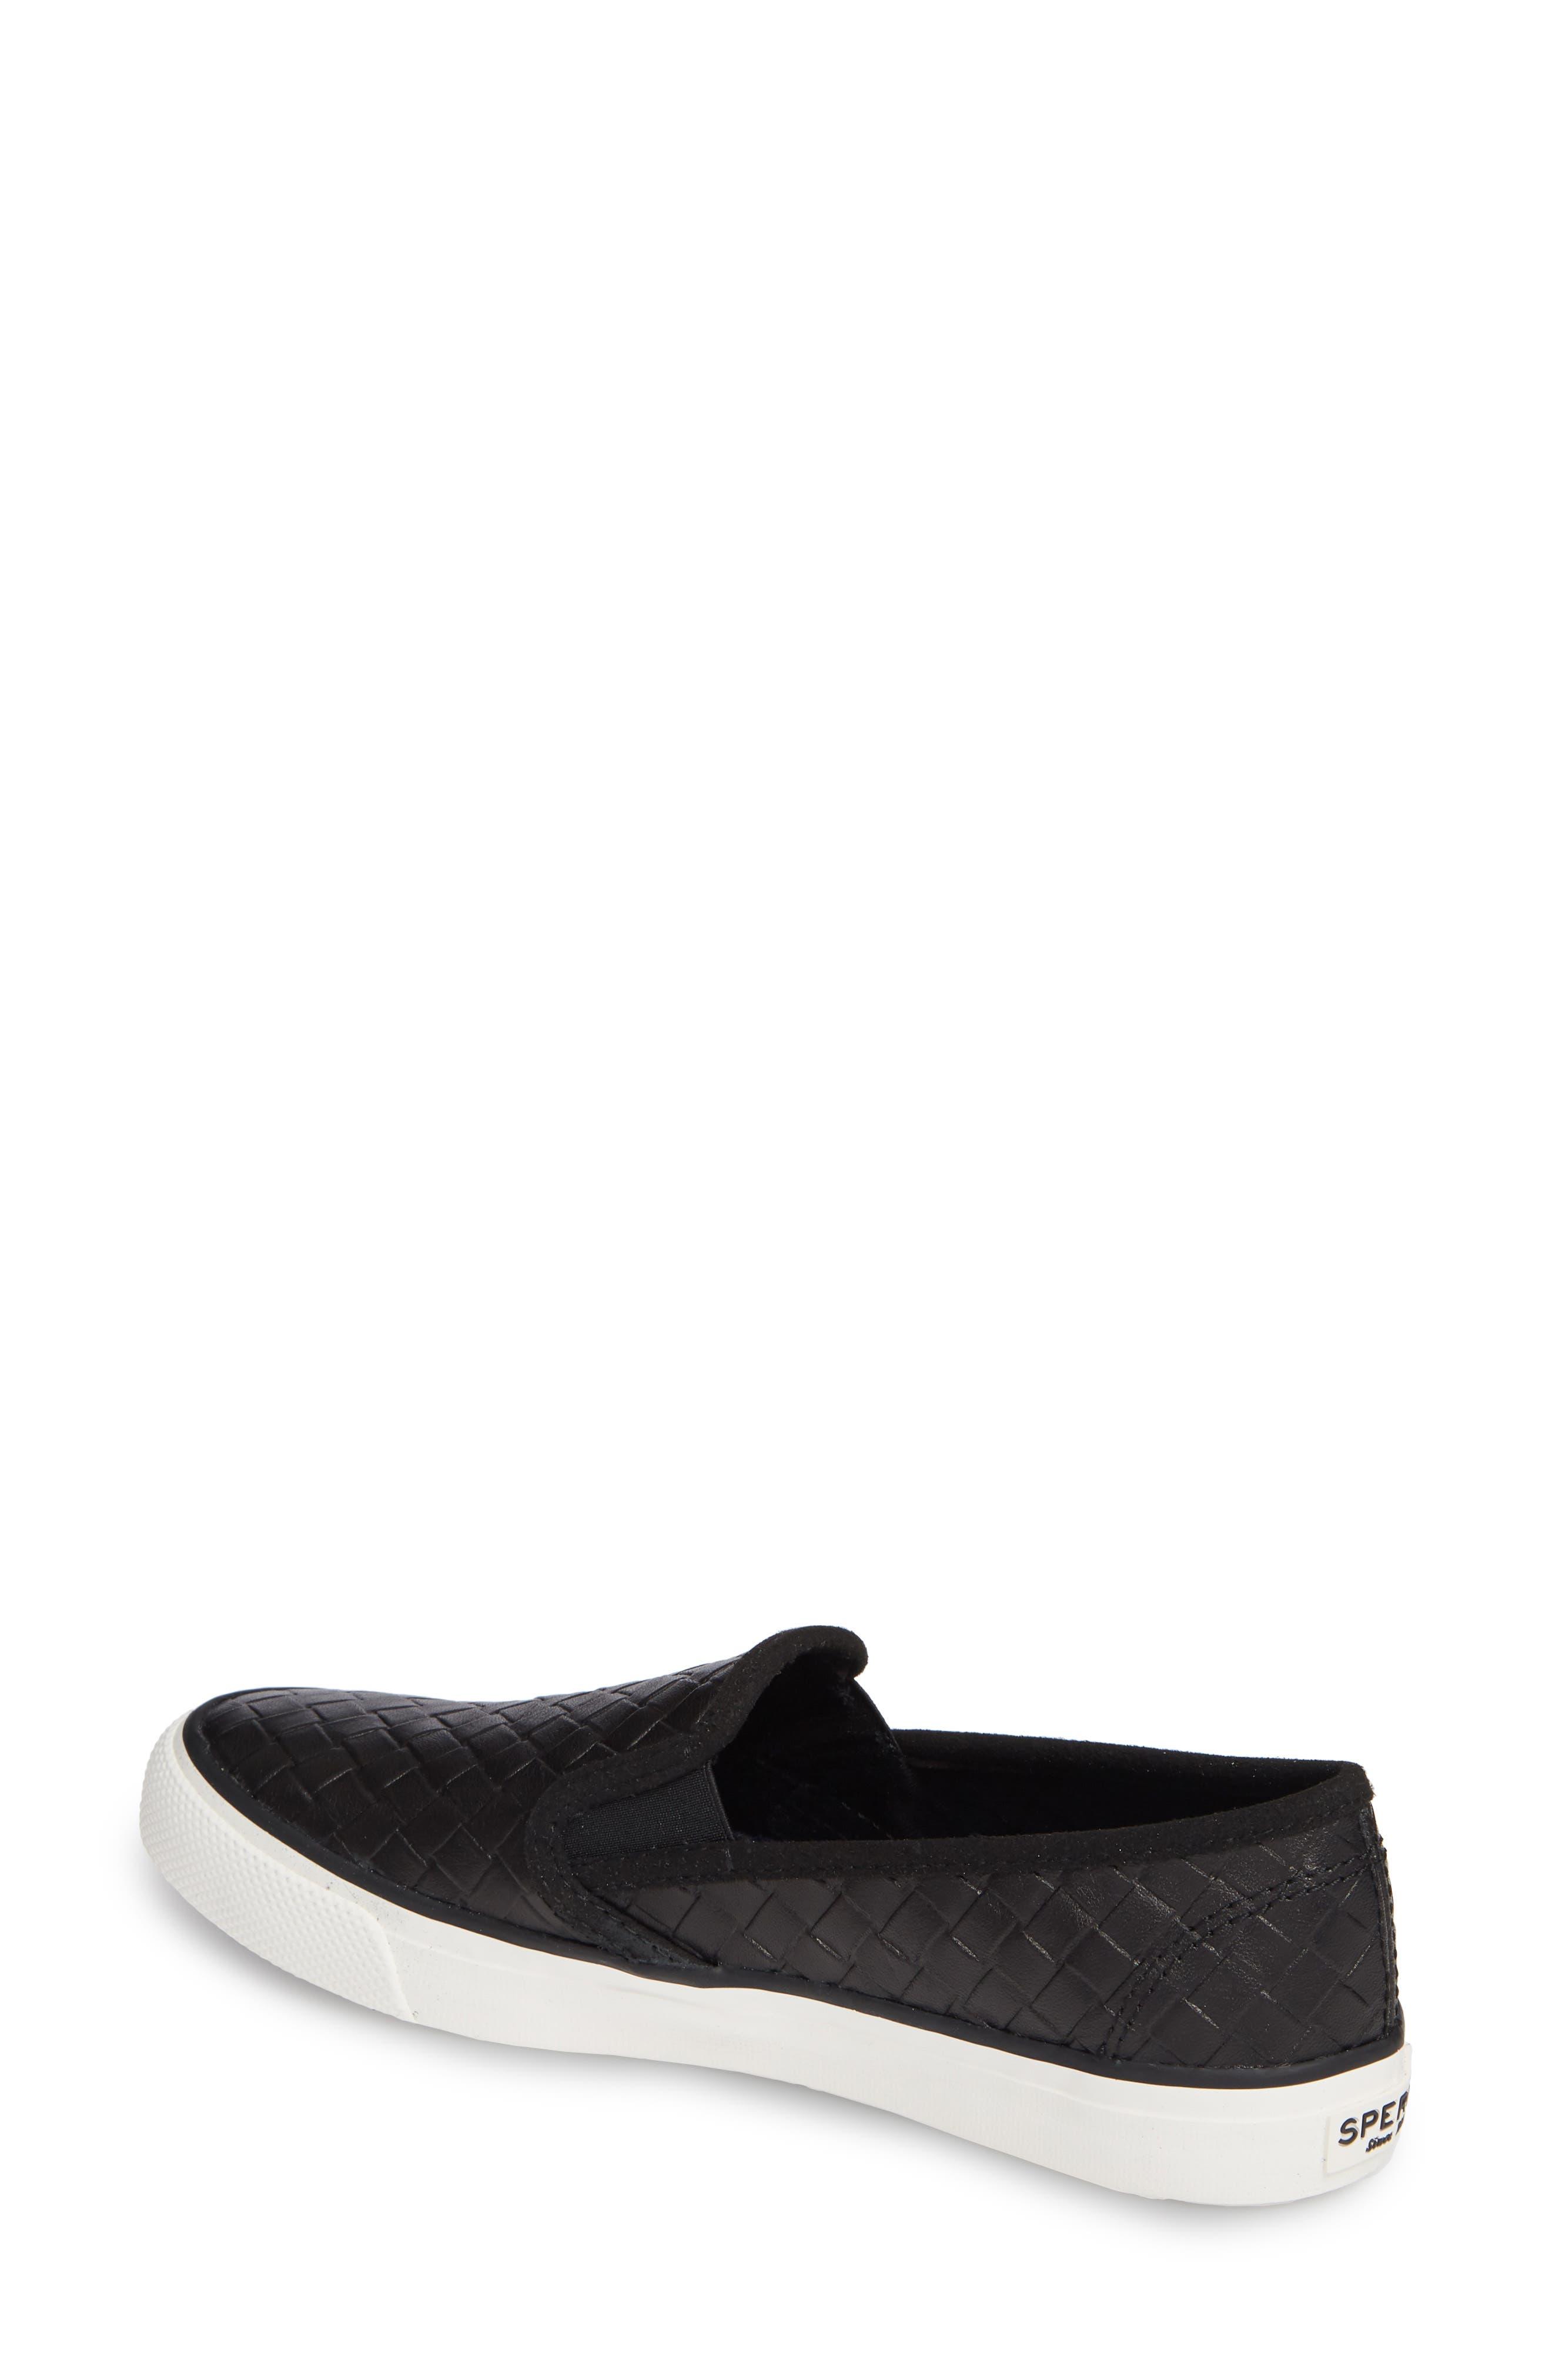 Seaside Embossed Weave Slip-On Sneaker,                             Alternate thumbnail 2, color,                             001